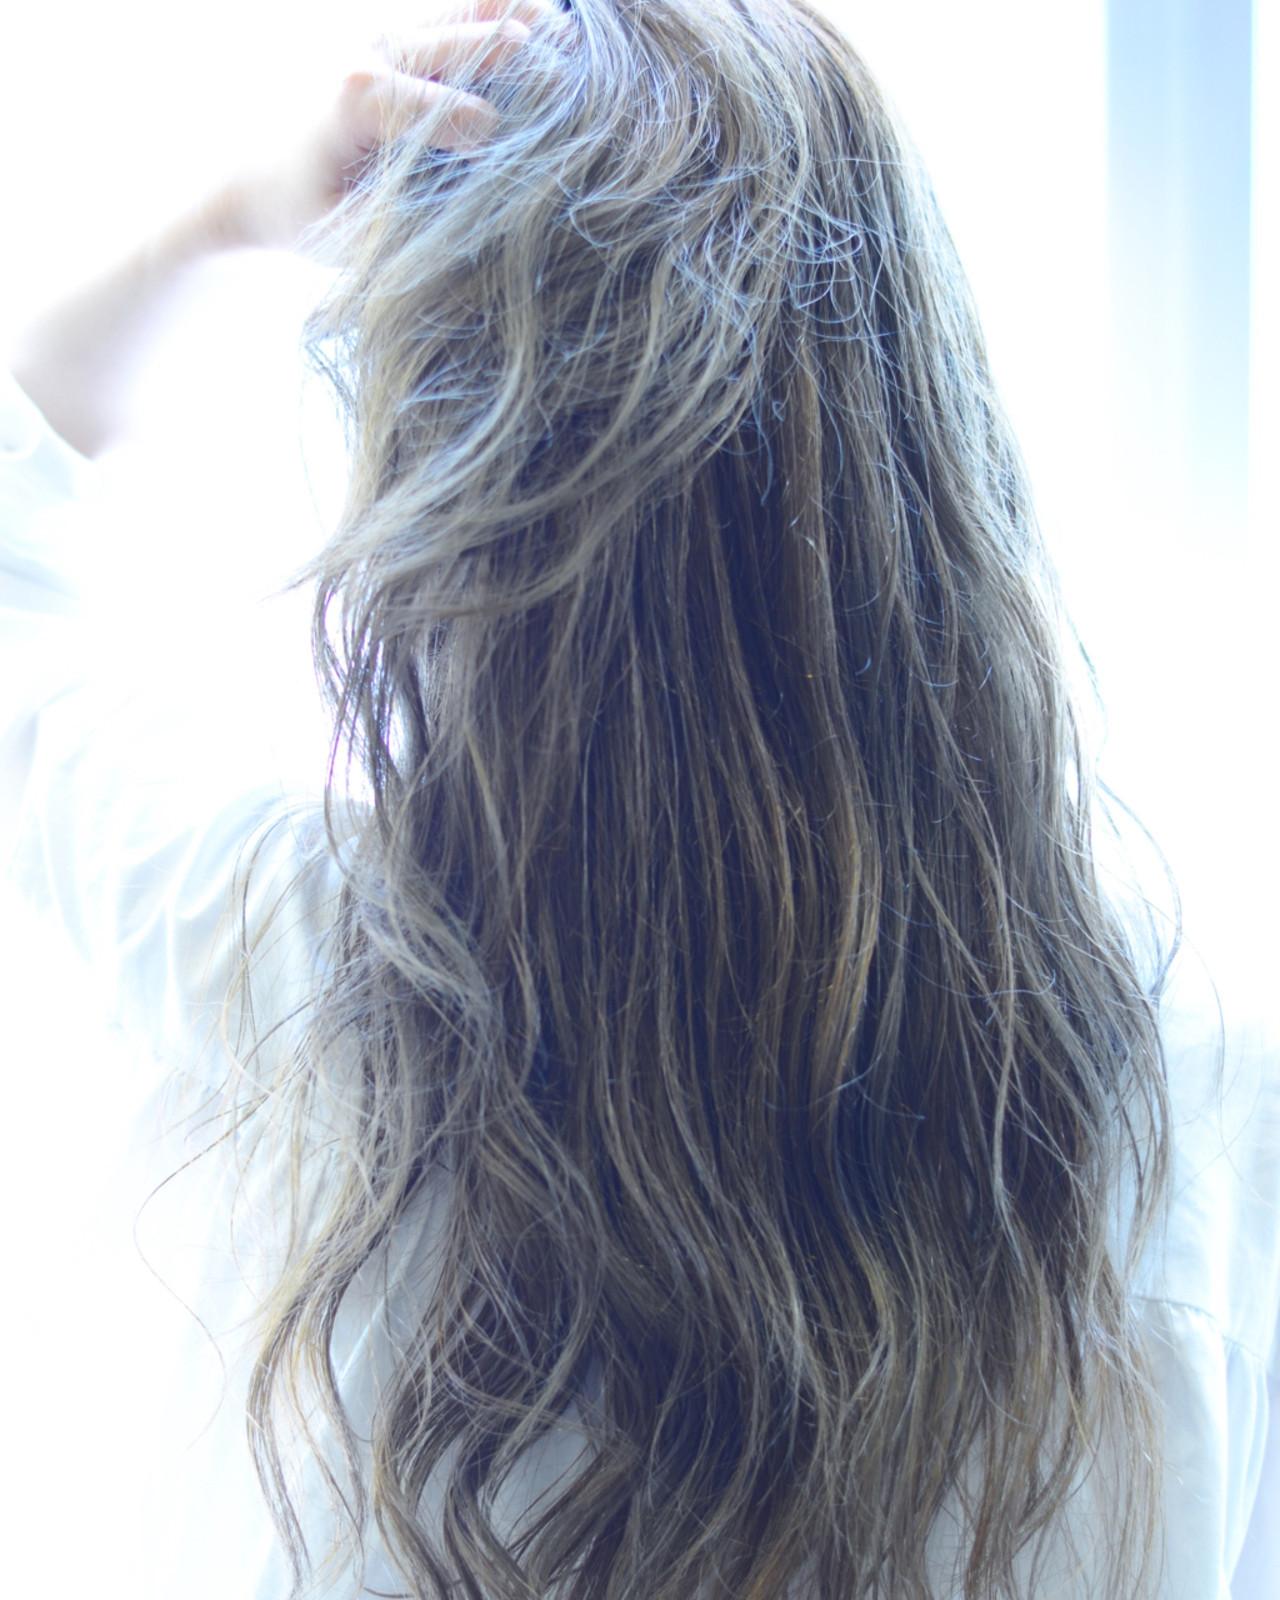 ウェットヘア オリーブアッシュ ナチュラル ロング ヘアスタイルや髪型の写真・画像